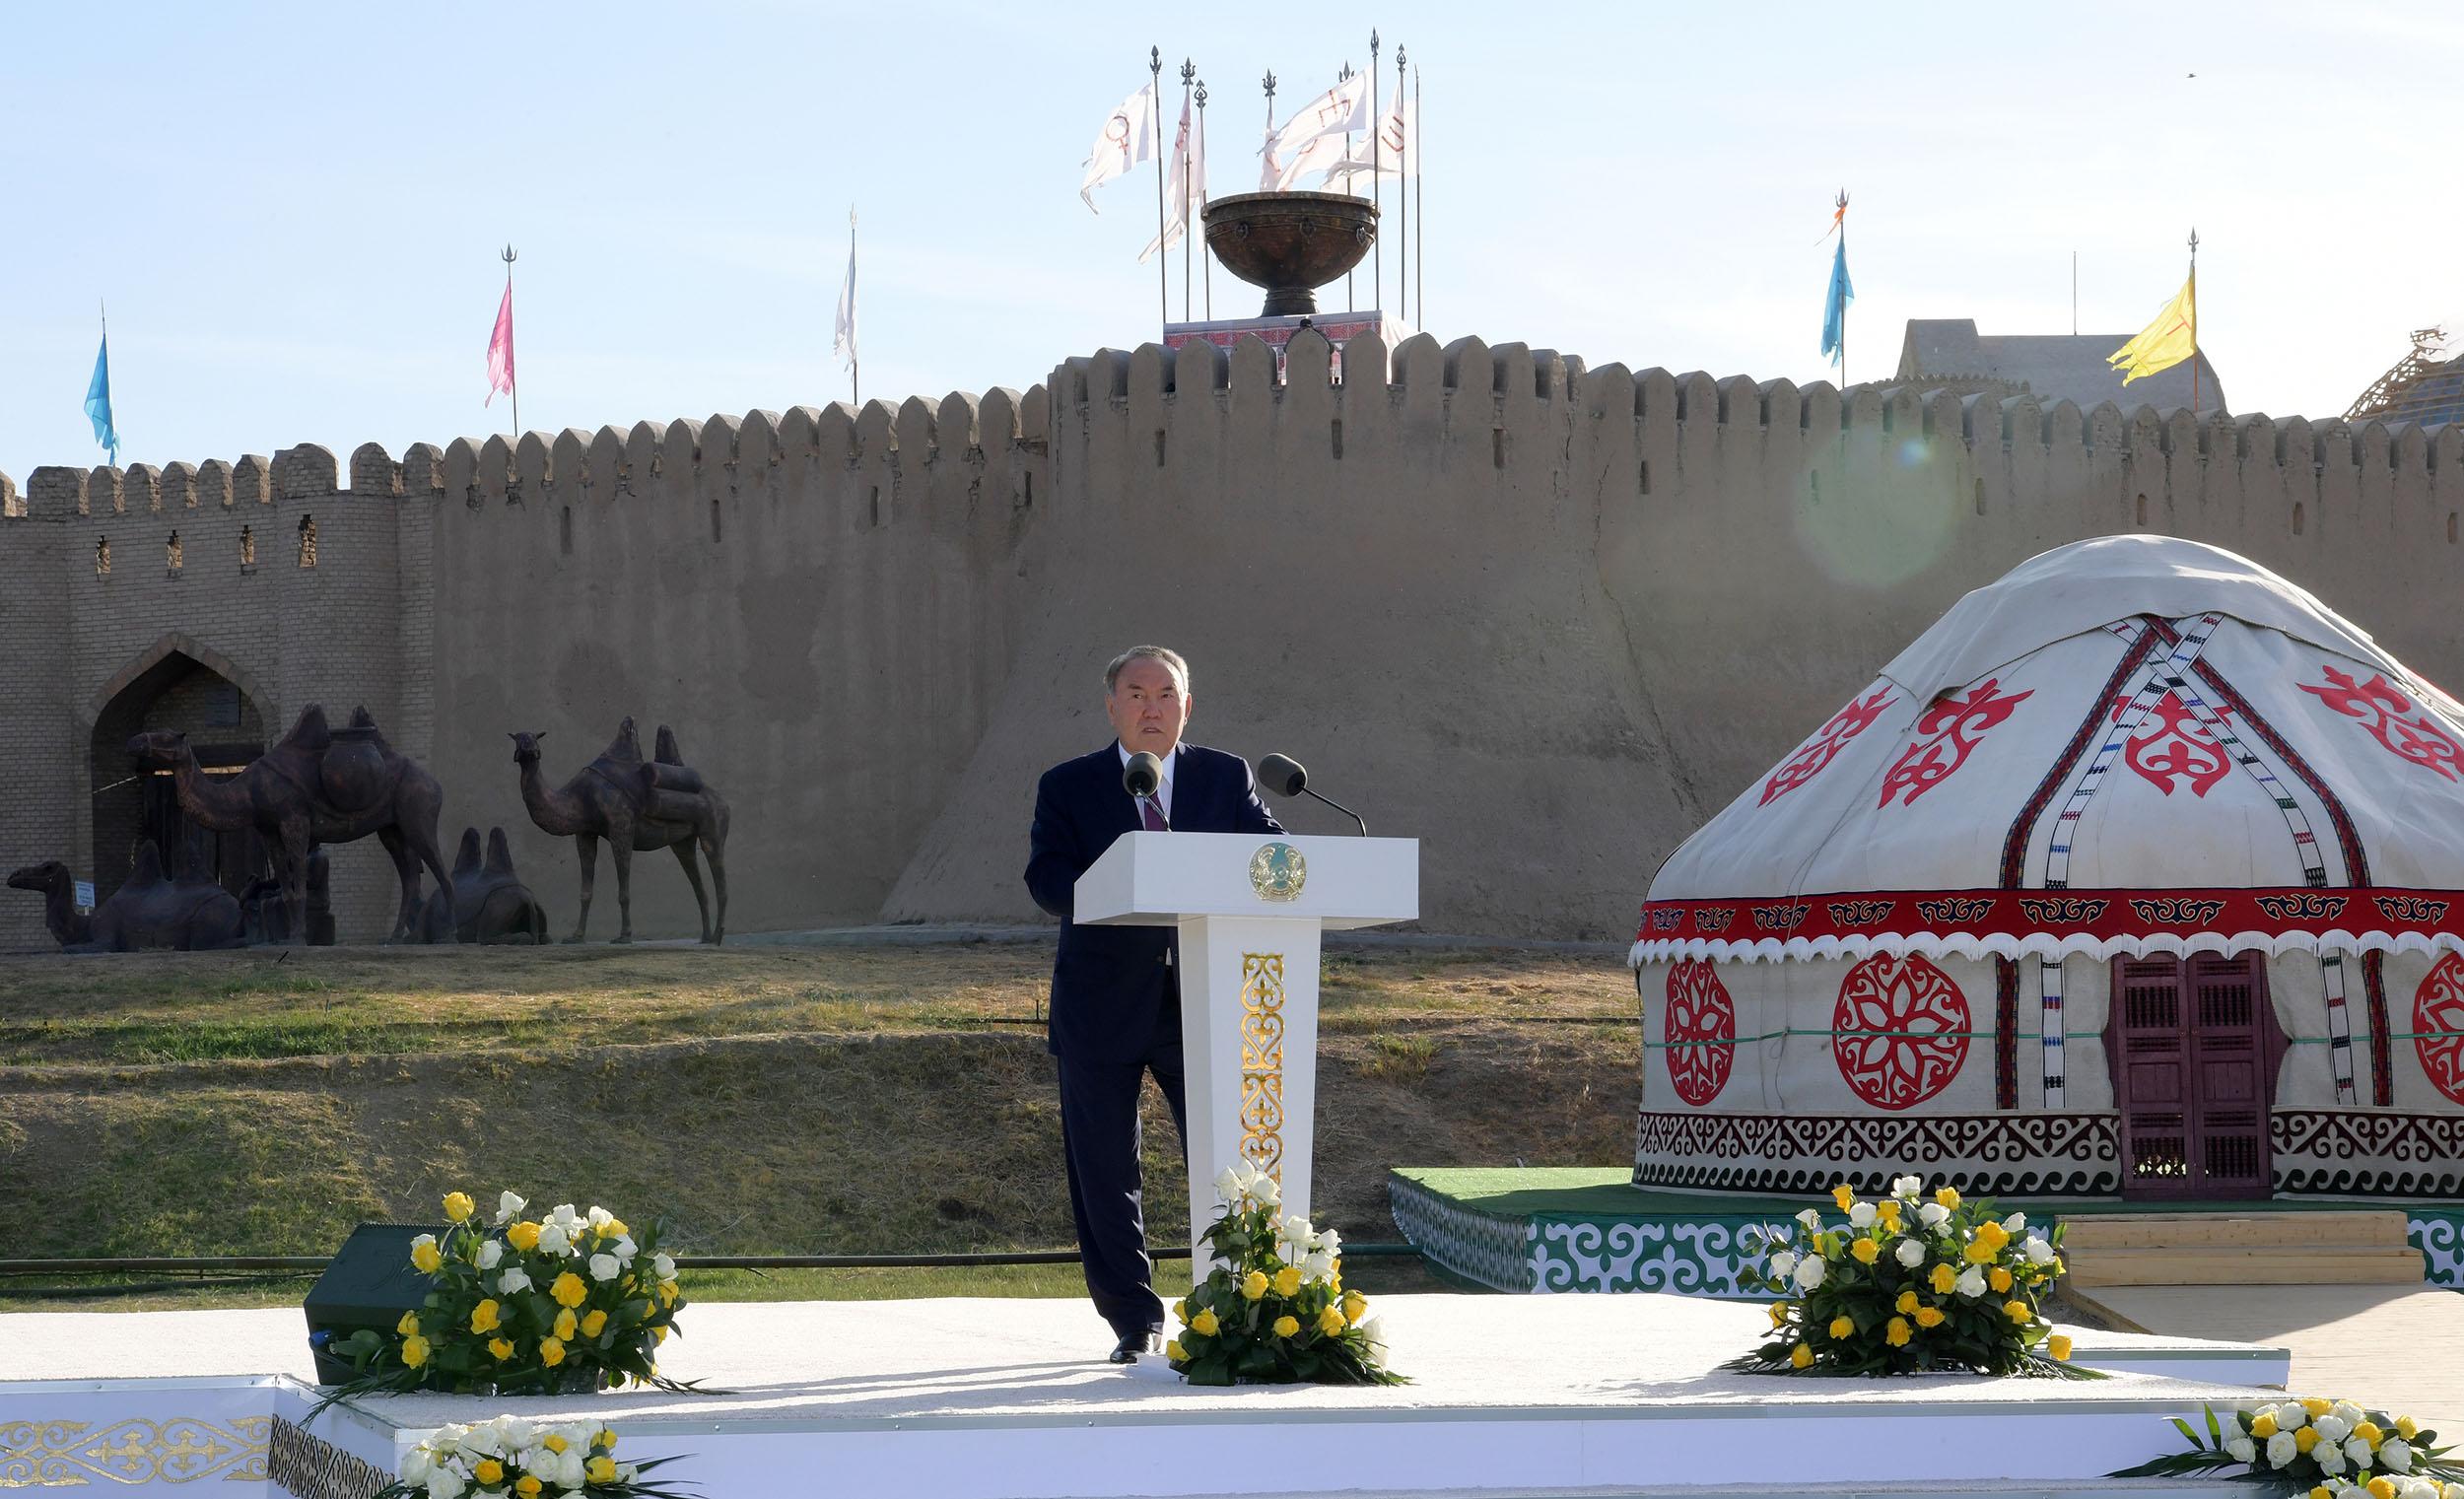 Нұрсұлтан Назарбаев Түркістанды ілгерілету ісінде тұрғындарға табыс тіледі